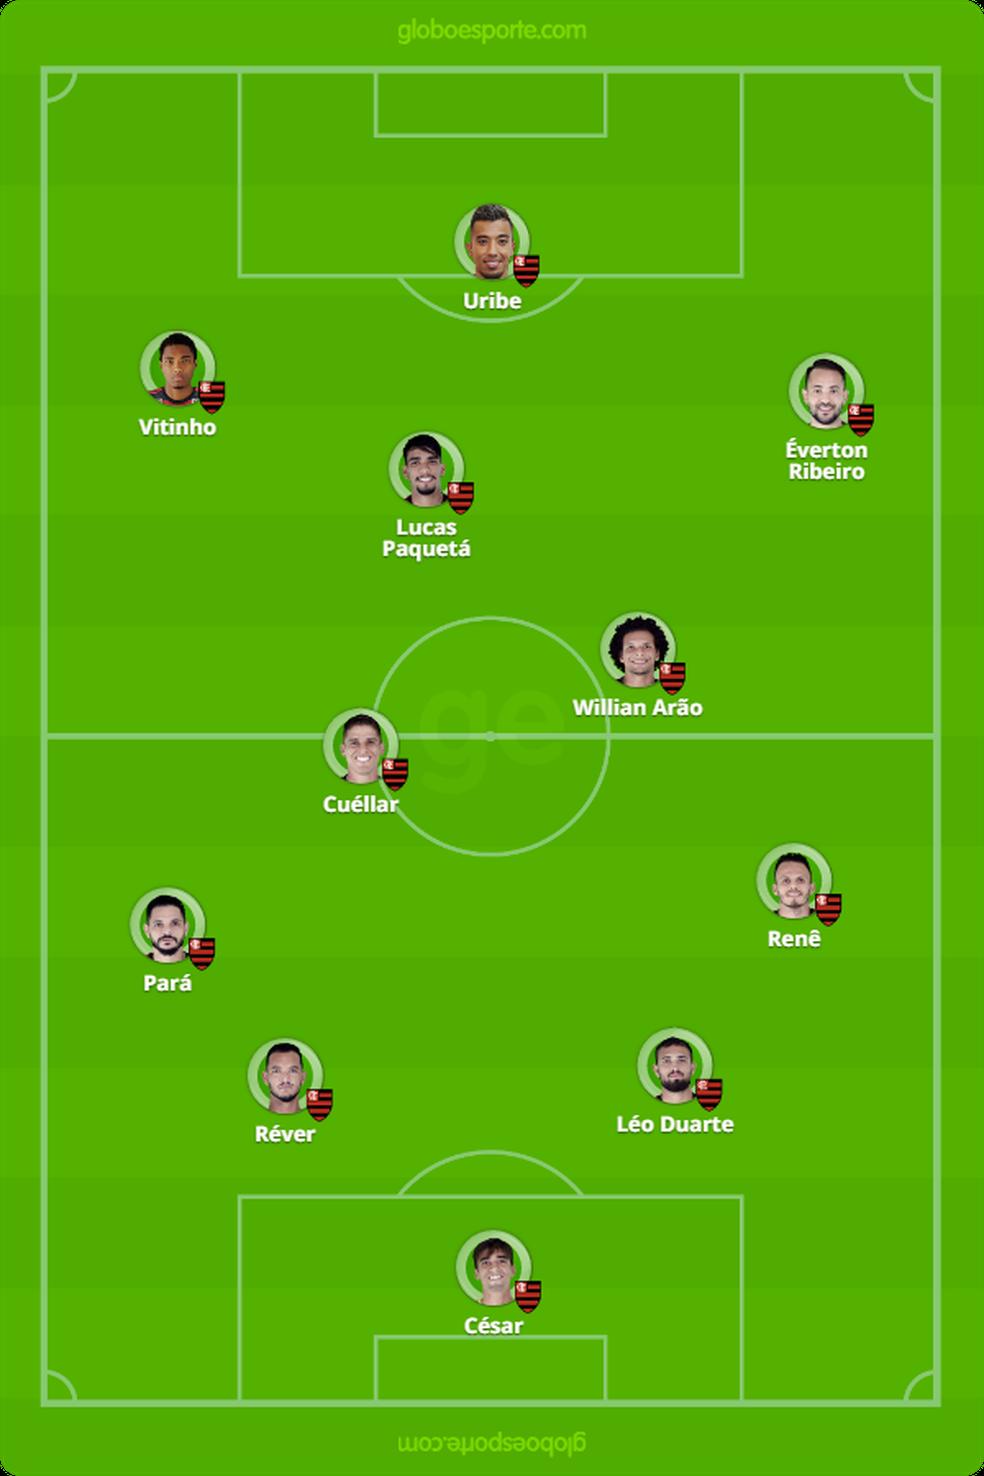 Provável escalação do Flamengo para enfrentar o Fluminense